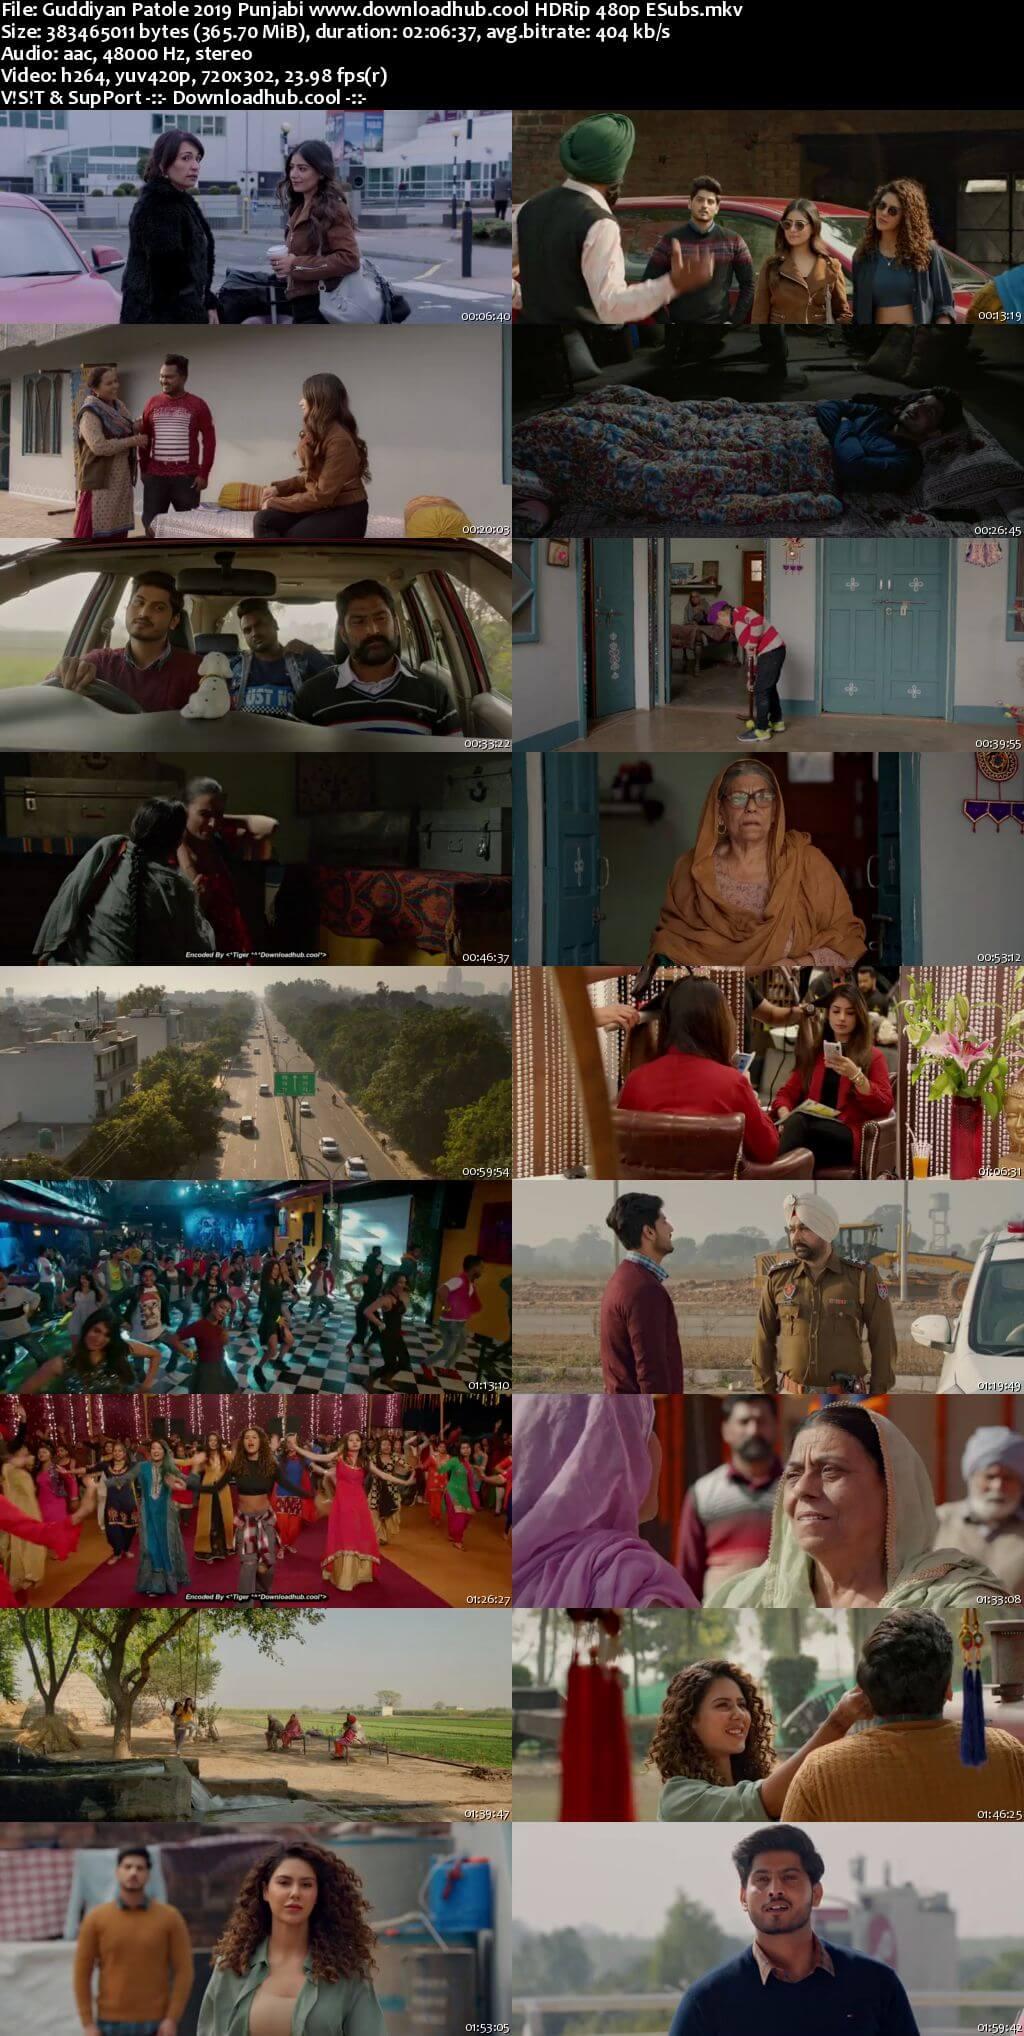 Guddiyan Patole 2019 Punjabi 350MB HDRip 480p ESubs